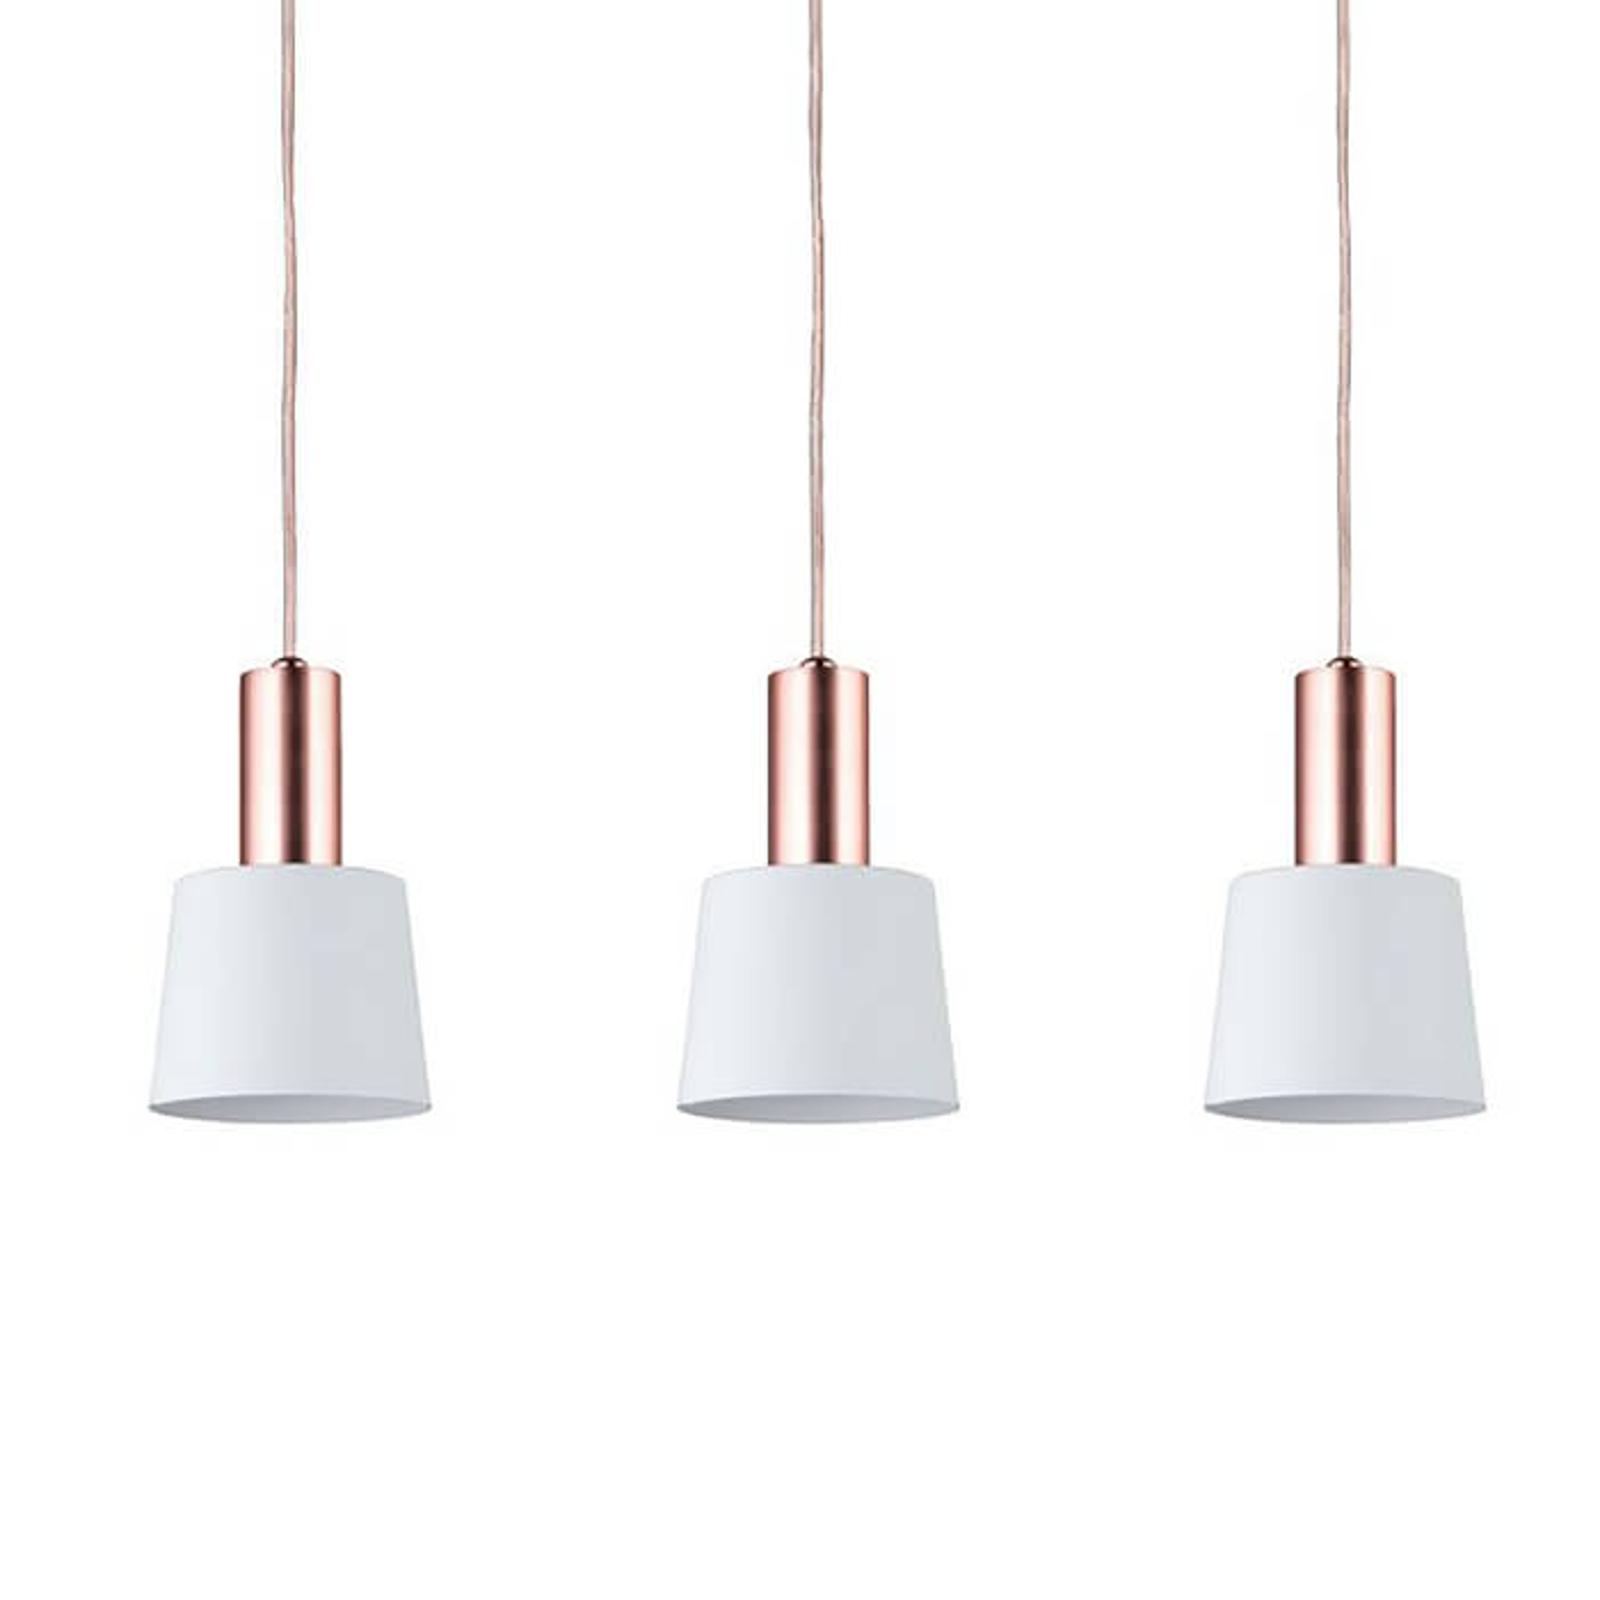 Prachtige hanglamp Haldar - 3-lamps